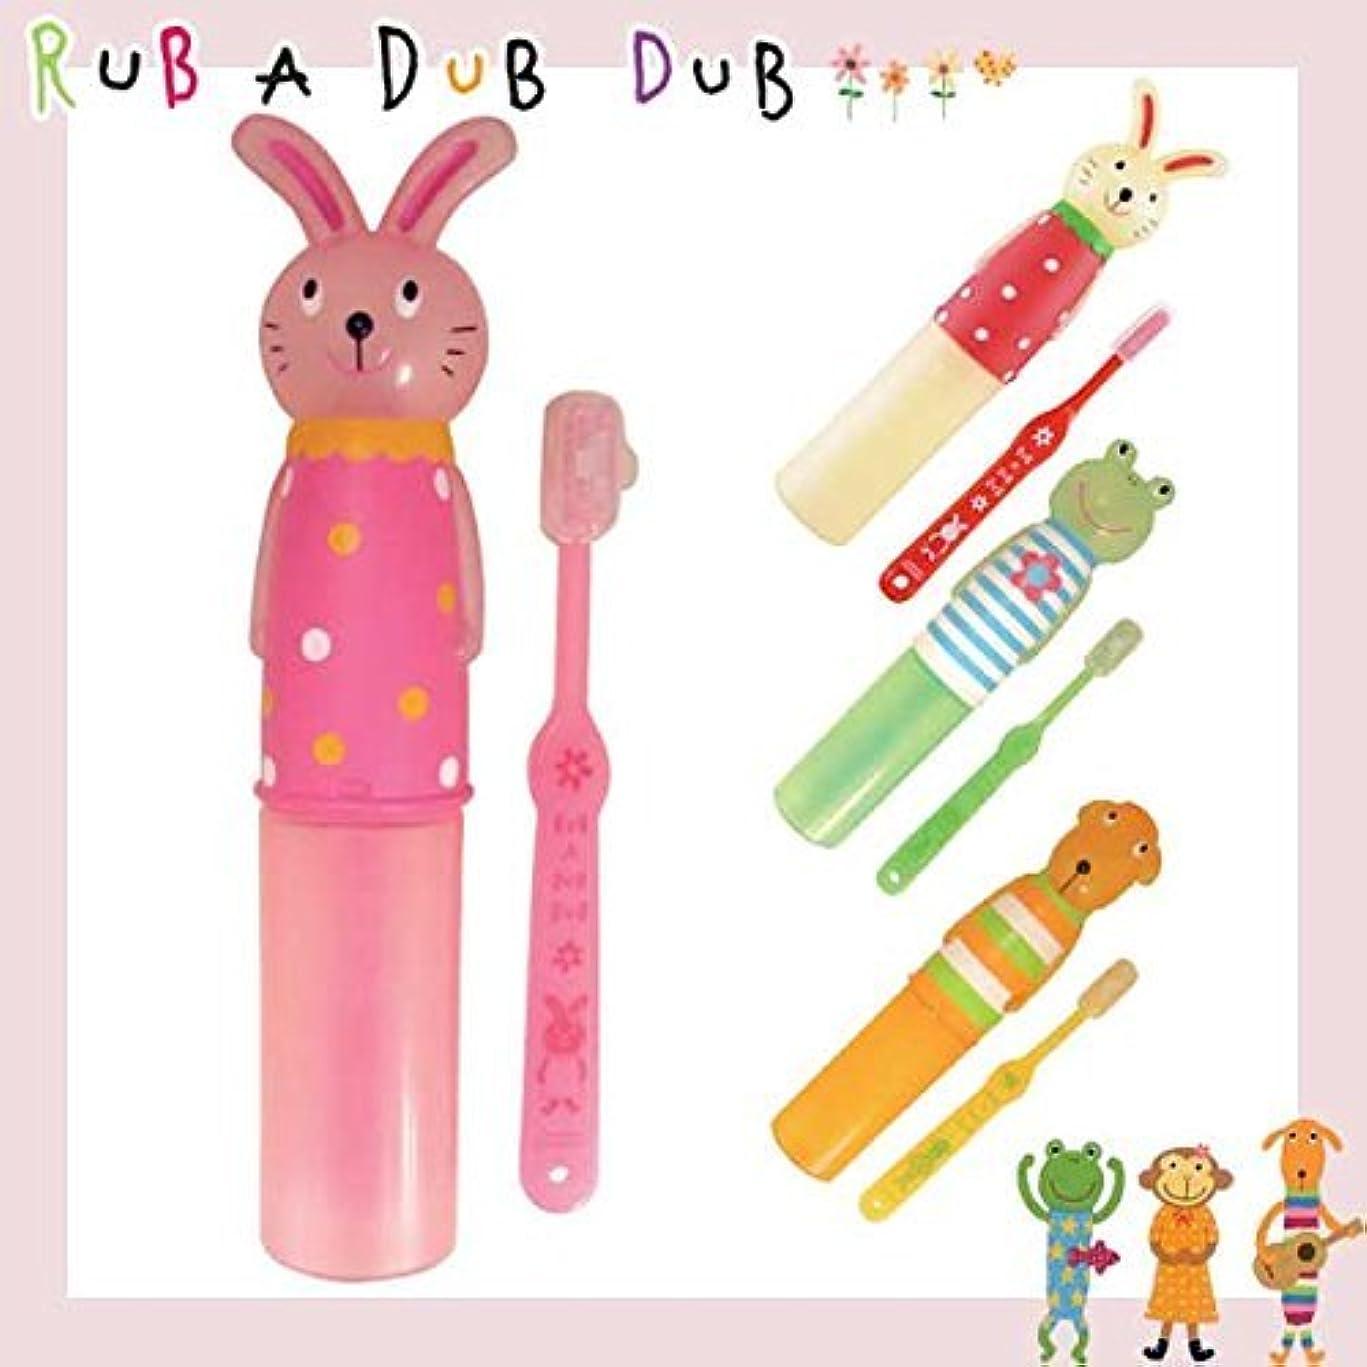 販売員感心する逆510065/RUB A DUB DUB/R.ハブラシセット(ウサギ)/モンスイユ/ラブアダブダブ/キッズ/ベビー/アニマル/洗面所/歯磨き/ギフト/プレゼント